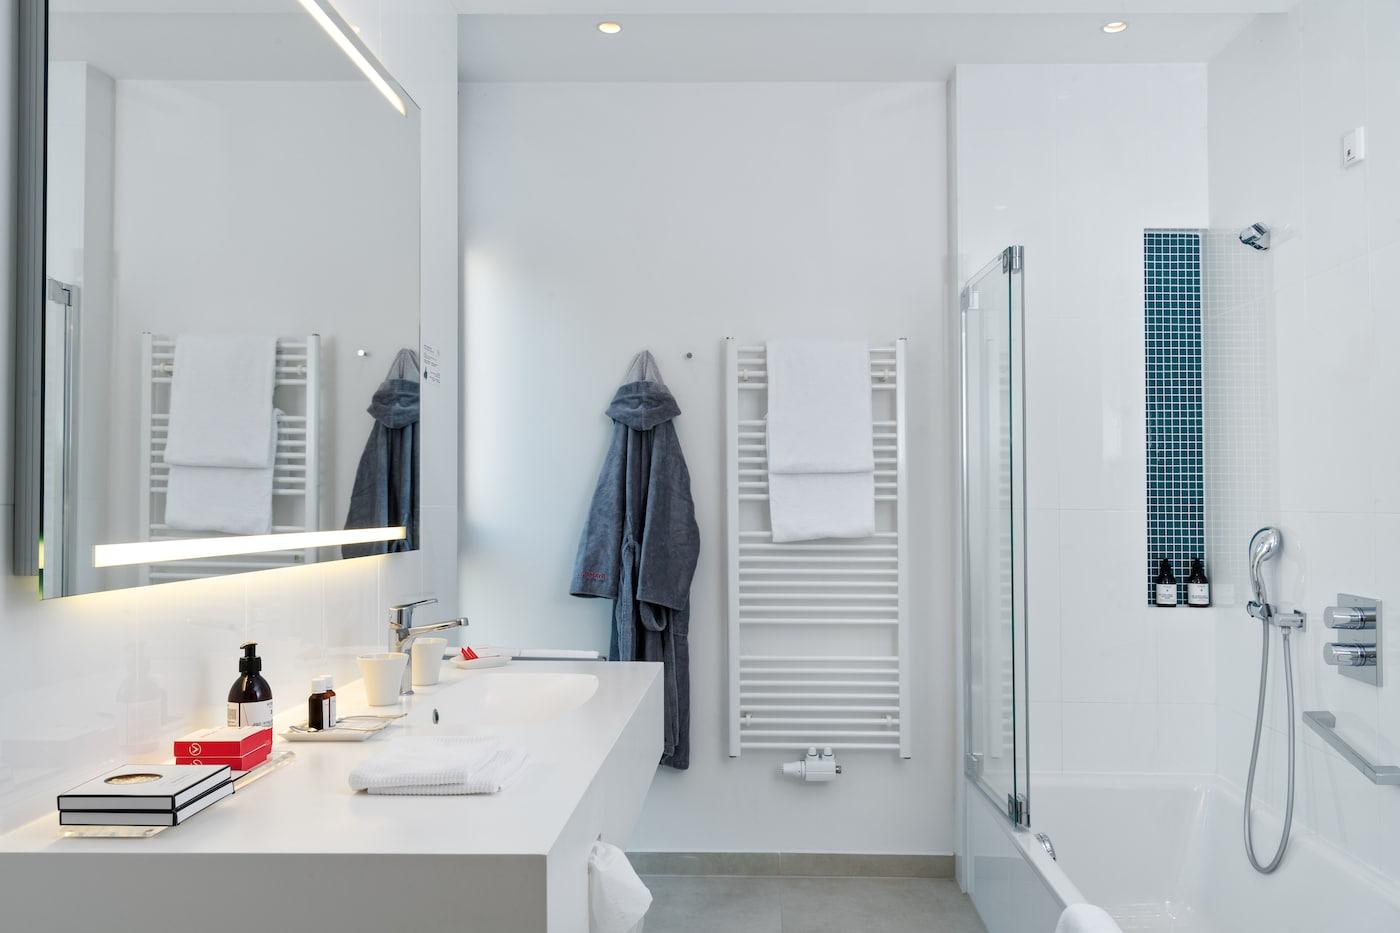 modern bathroom with stylish accent details in Suite VIVAMAYR Maria Wörth